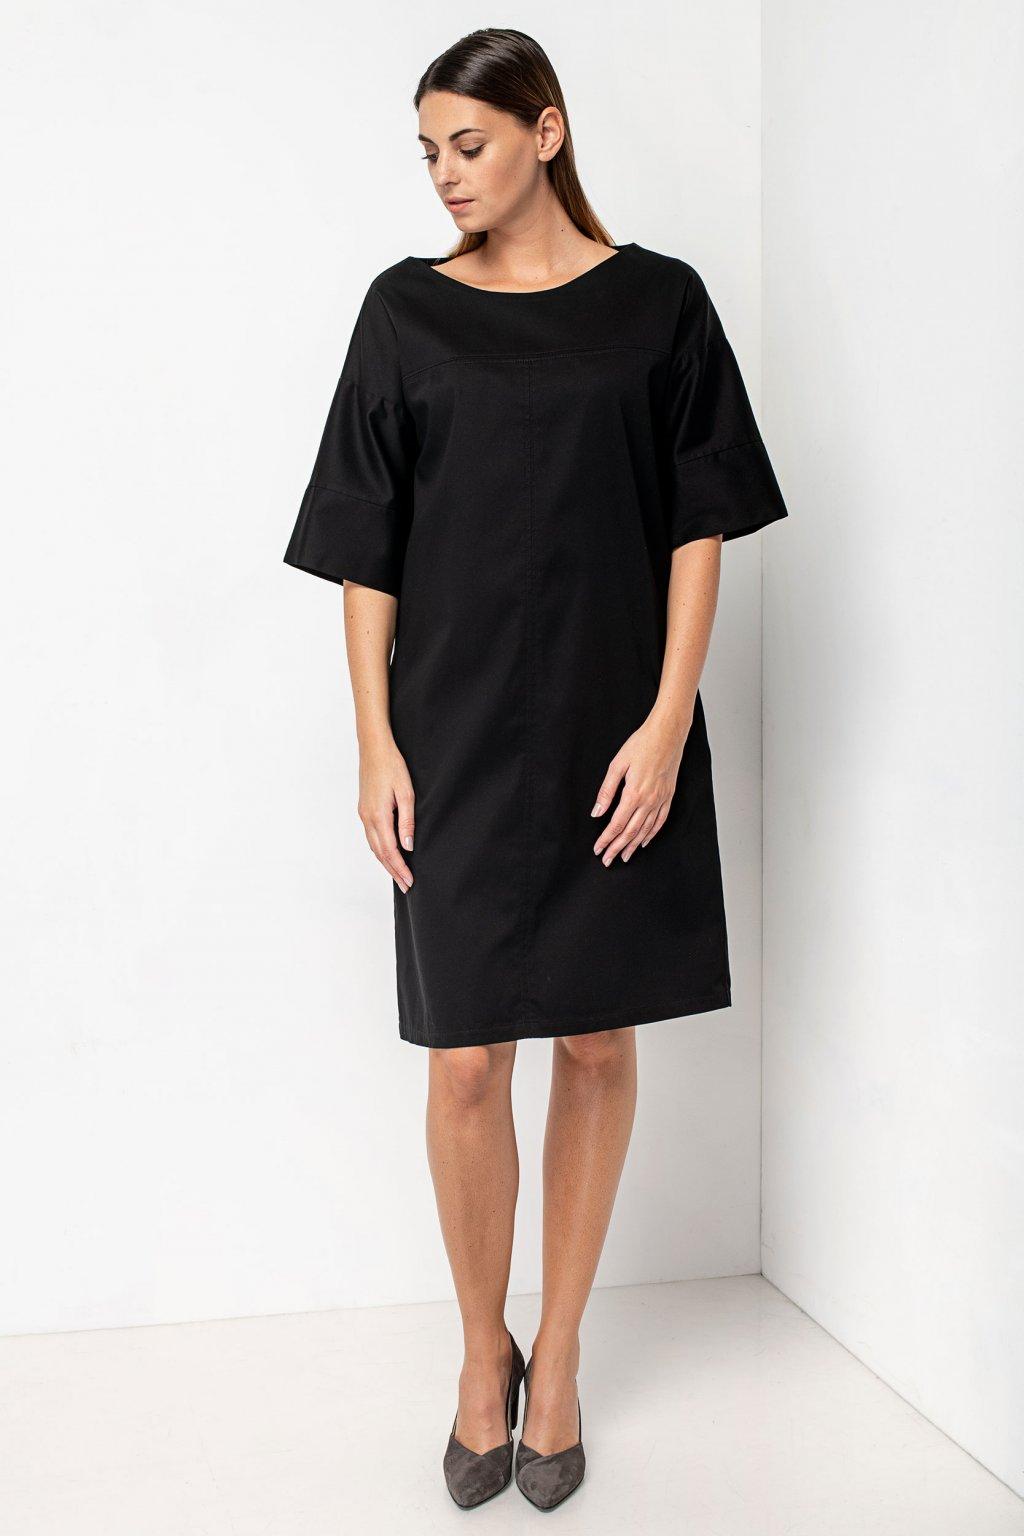 ZIK Šaty so štepovanými švami čierne (2)